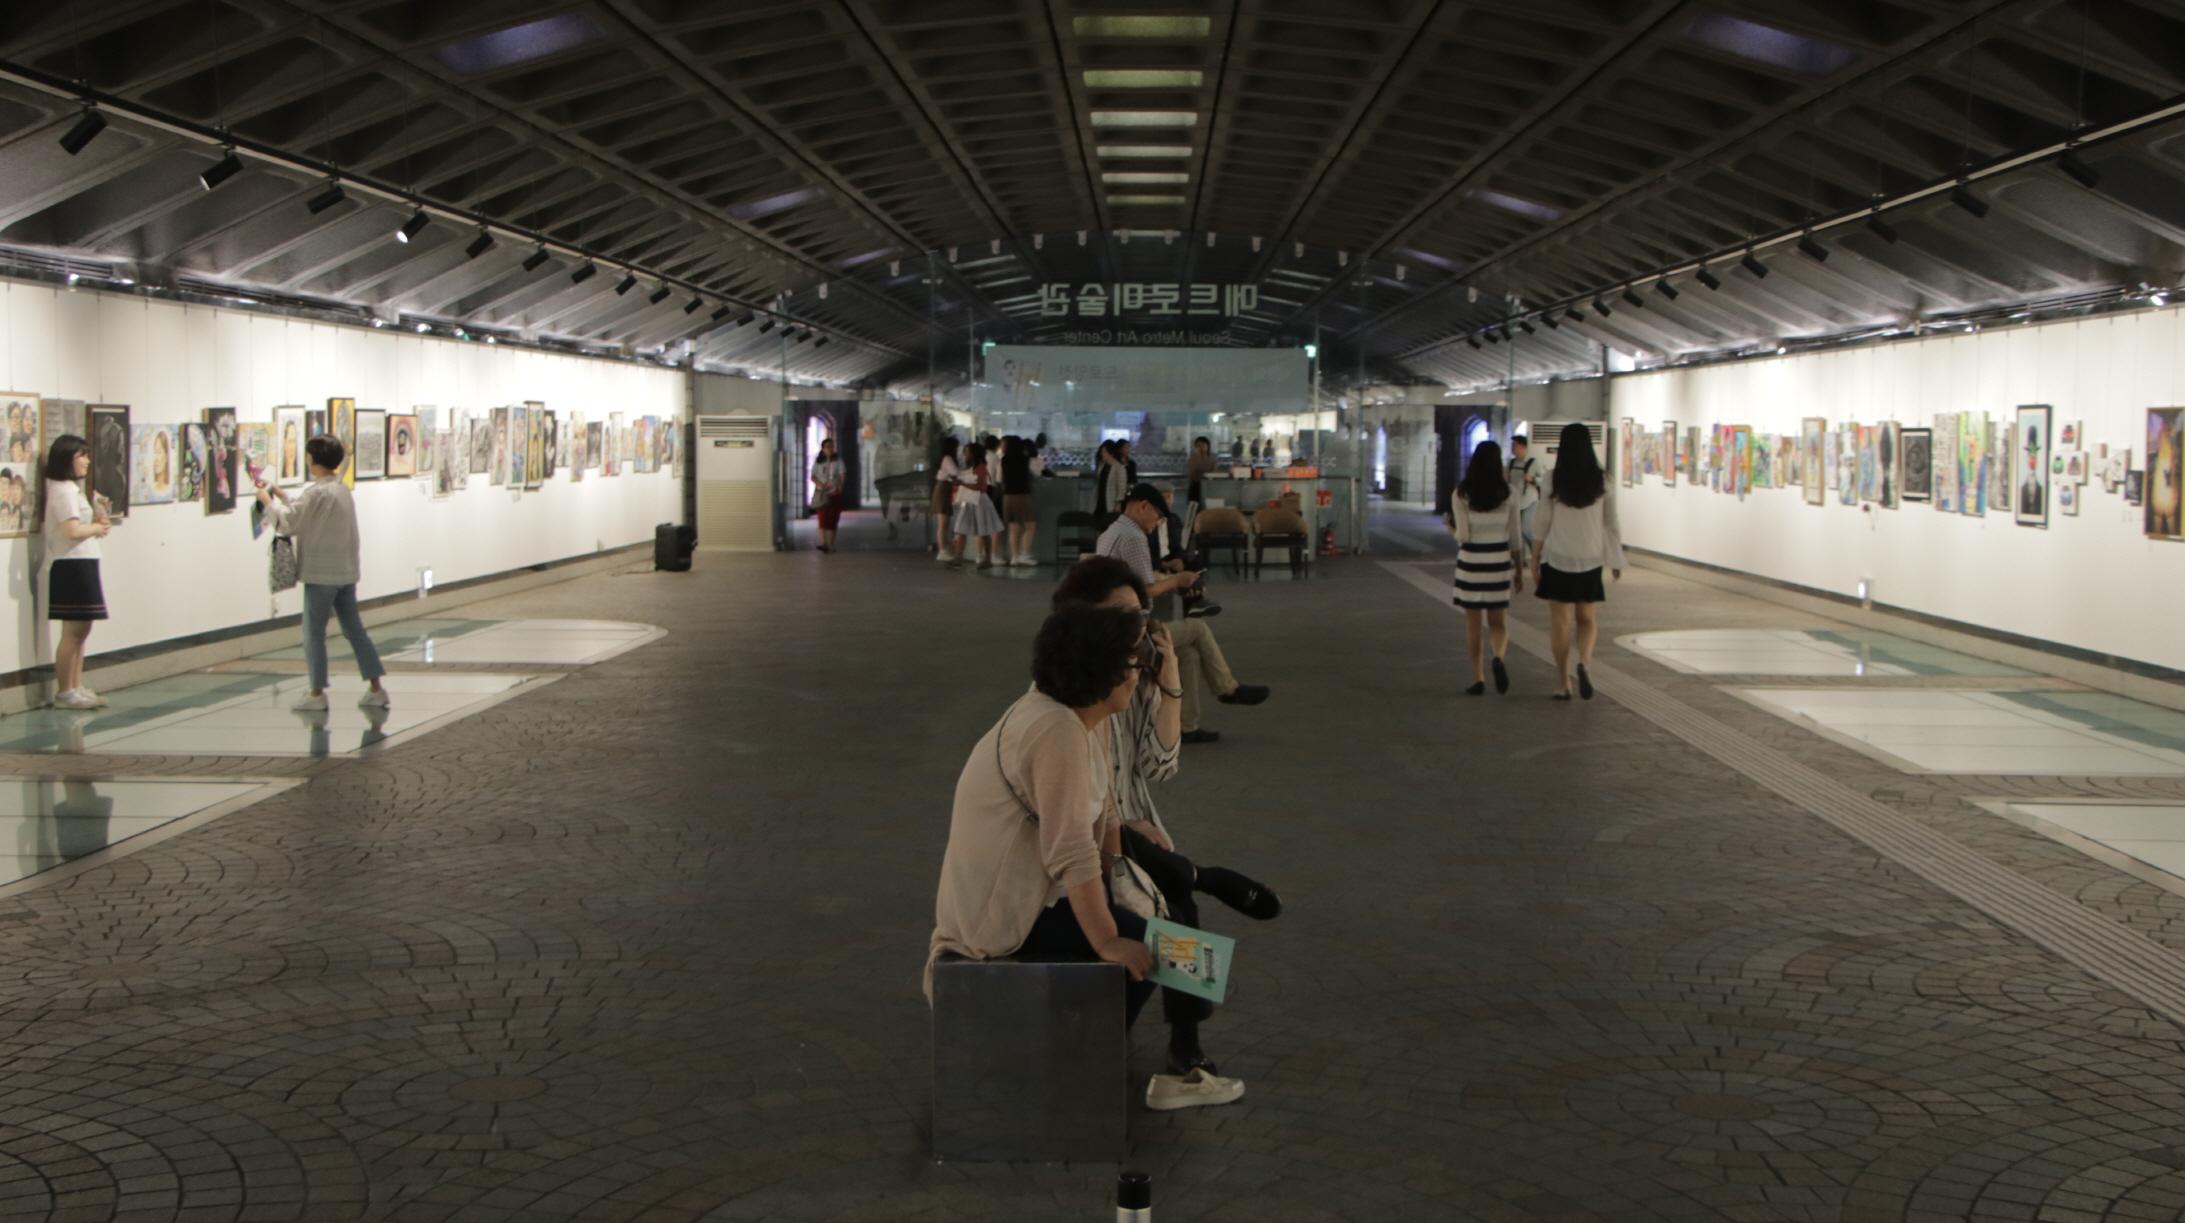 지하철 경복궁 역사(내부 전경3)